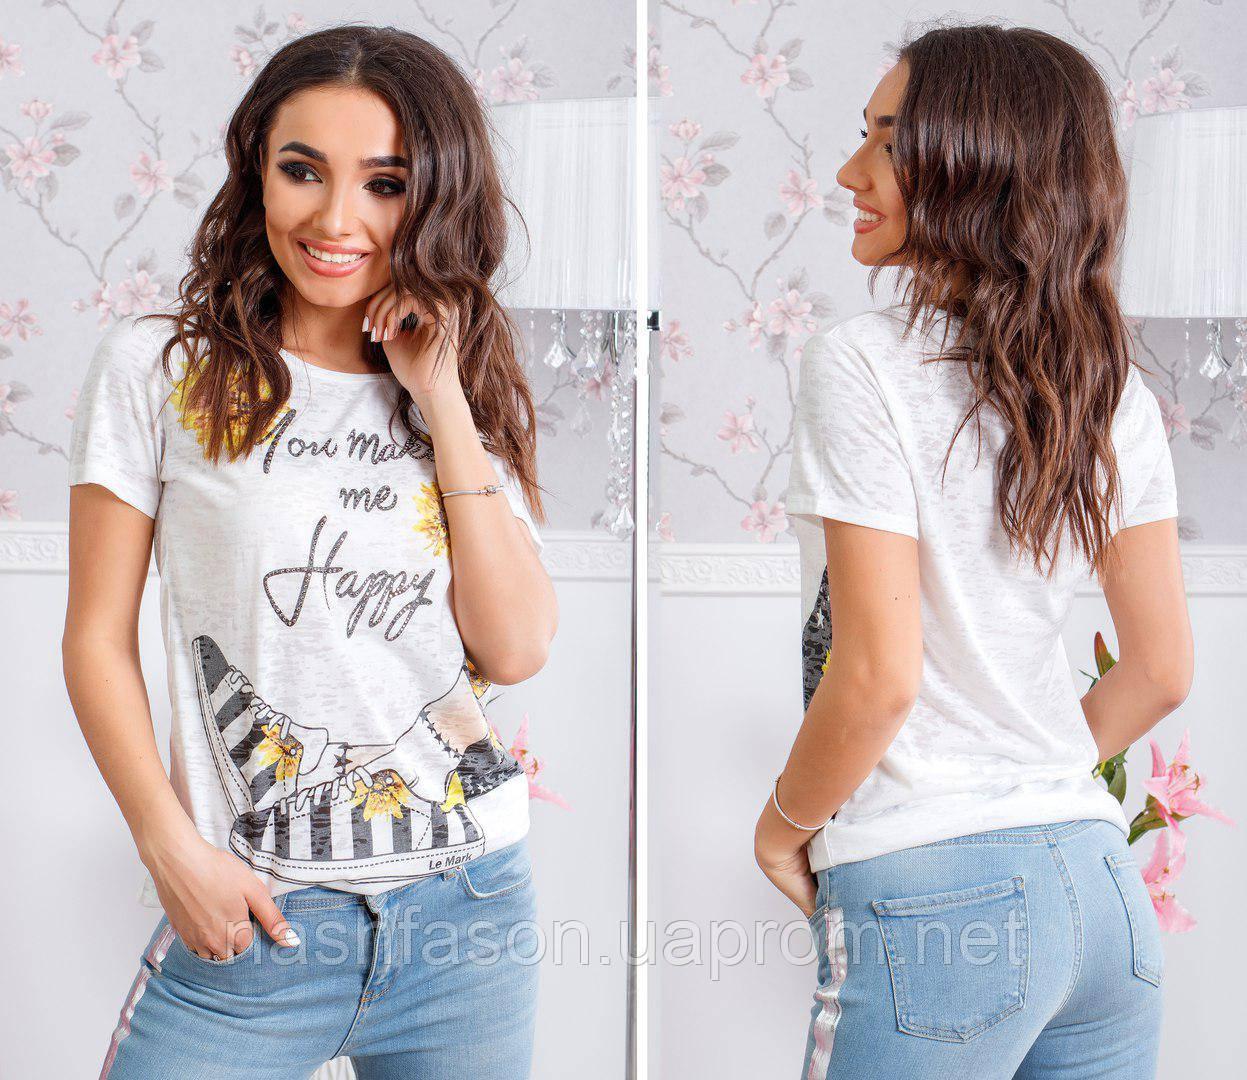 Женская футболка Happy, 10150